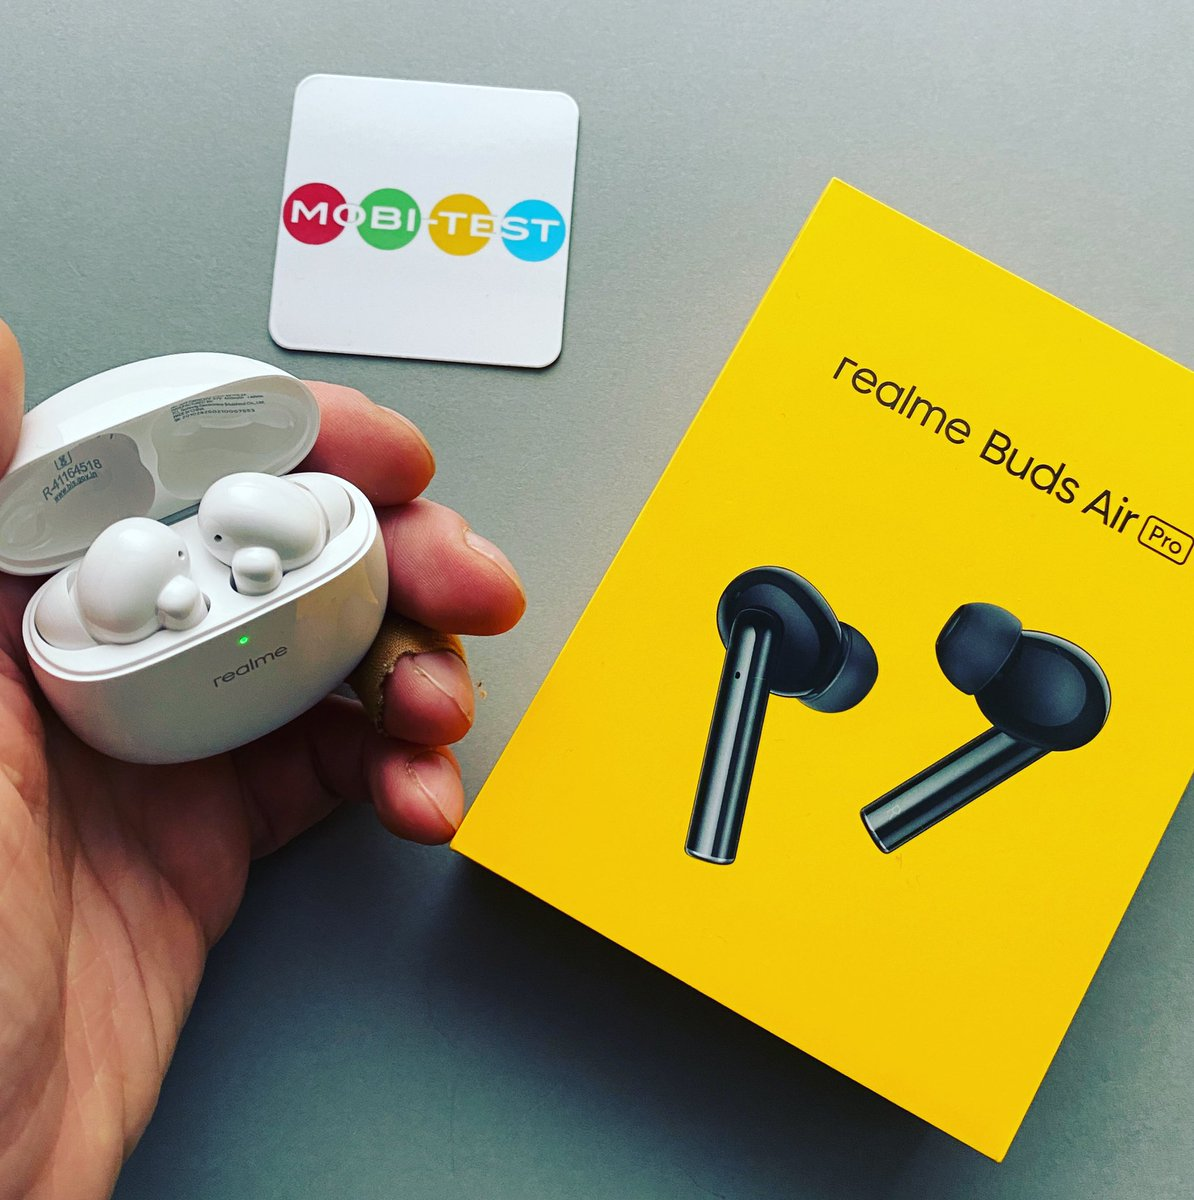 Frisch eingetroffen für den Test sind jetzt auch die realme Buds Air Pro   #Test #Review #Technik #News #Smartwatch #Smartphones #Gadgets #Xiaomi #Werbung #Podcast #realme #realmebudsairpro @realme_Germany